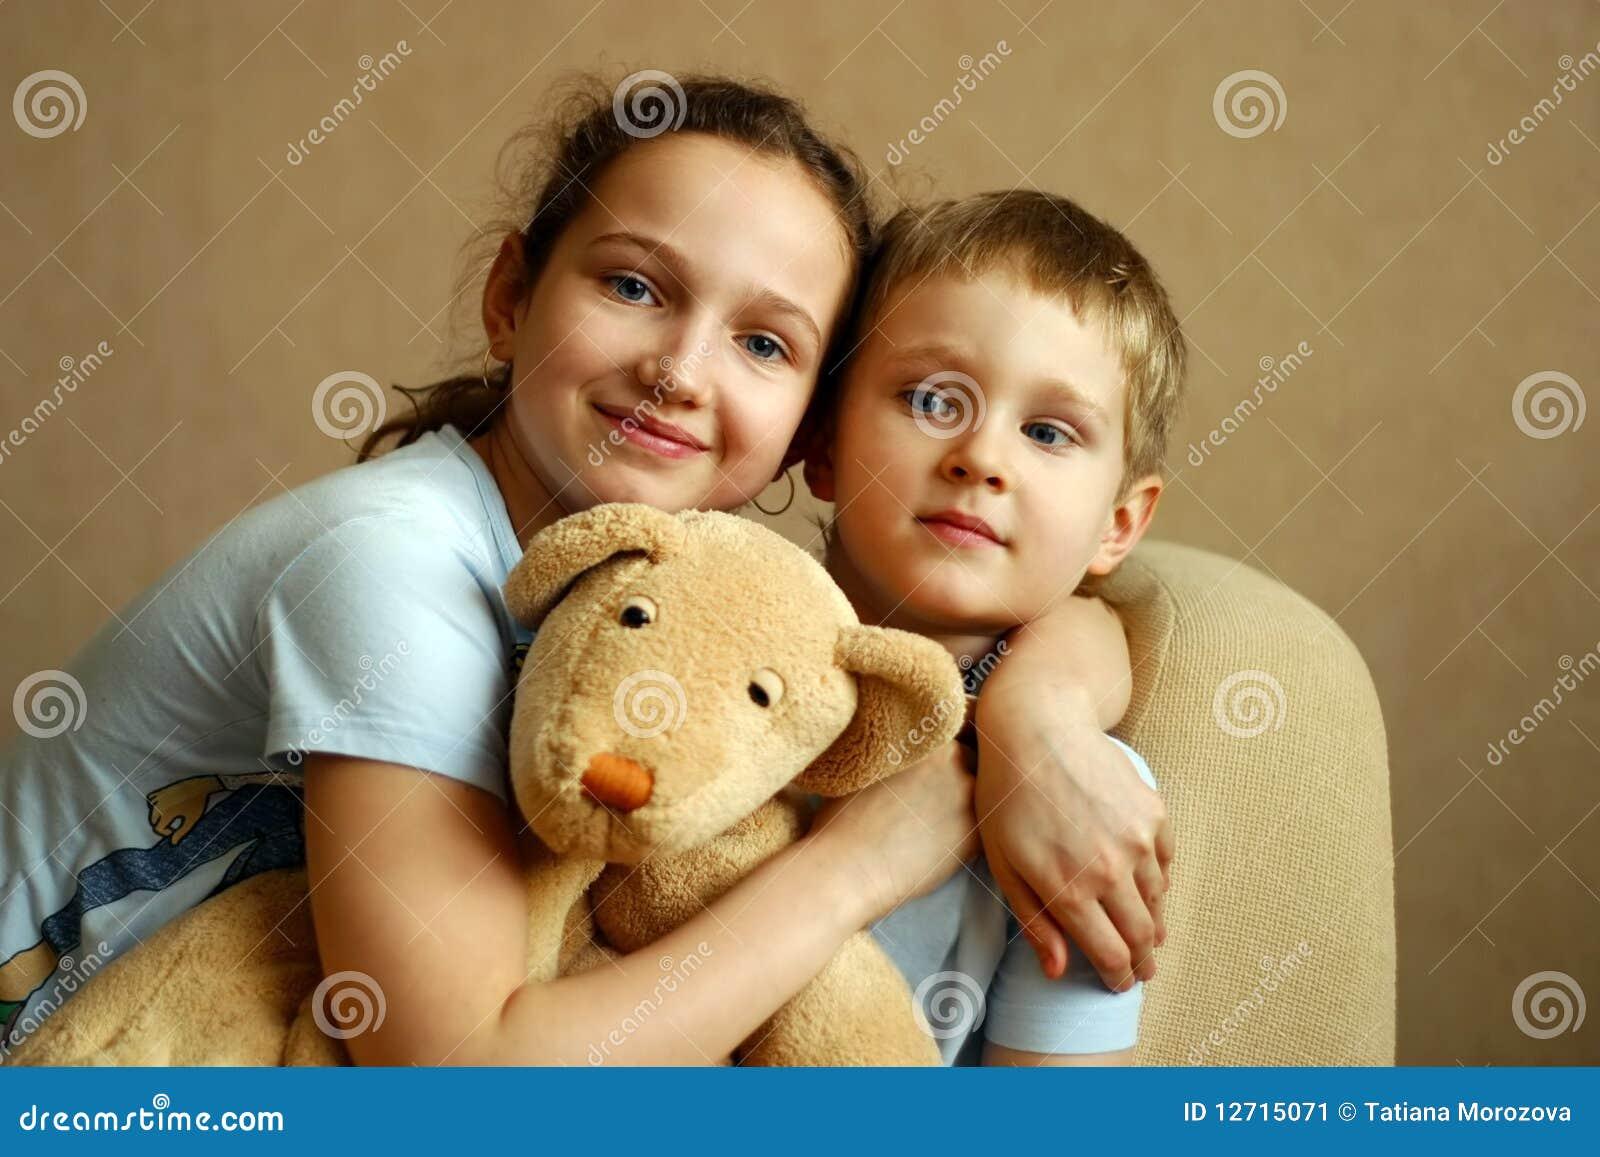 Русское брат кончил в сестру, Брат зашёл к сестре))) смотреть онлайн видео брат 23 фотография